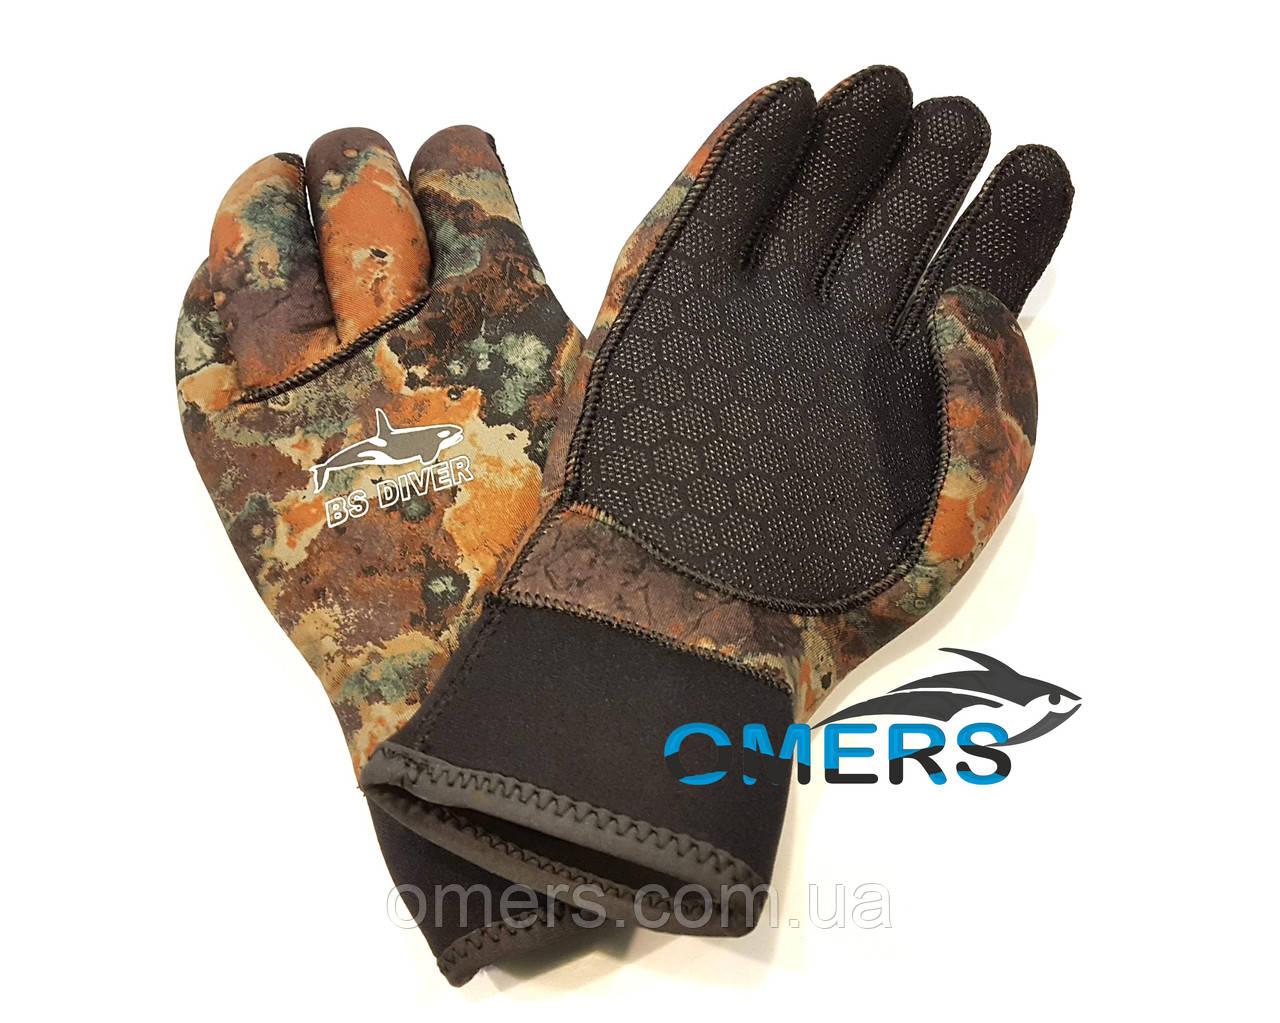 Перчатки BS Diver CAMOLEX Brown 5 мм для подводной охоты